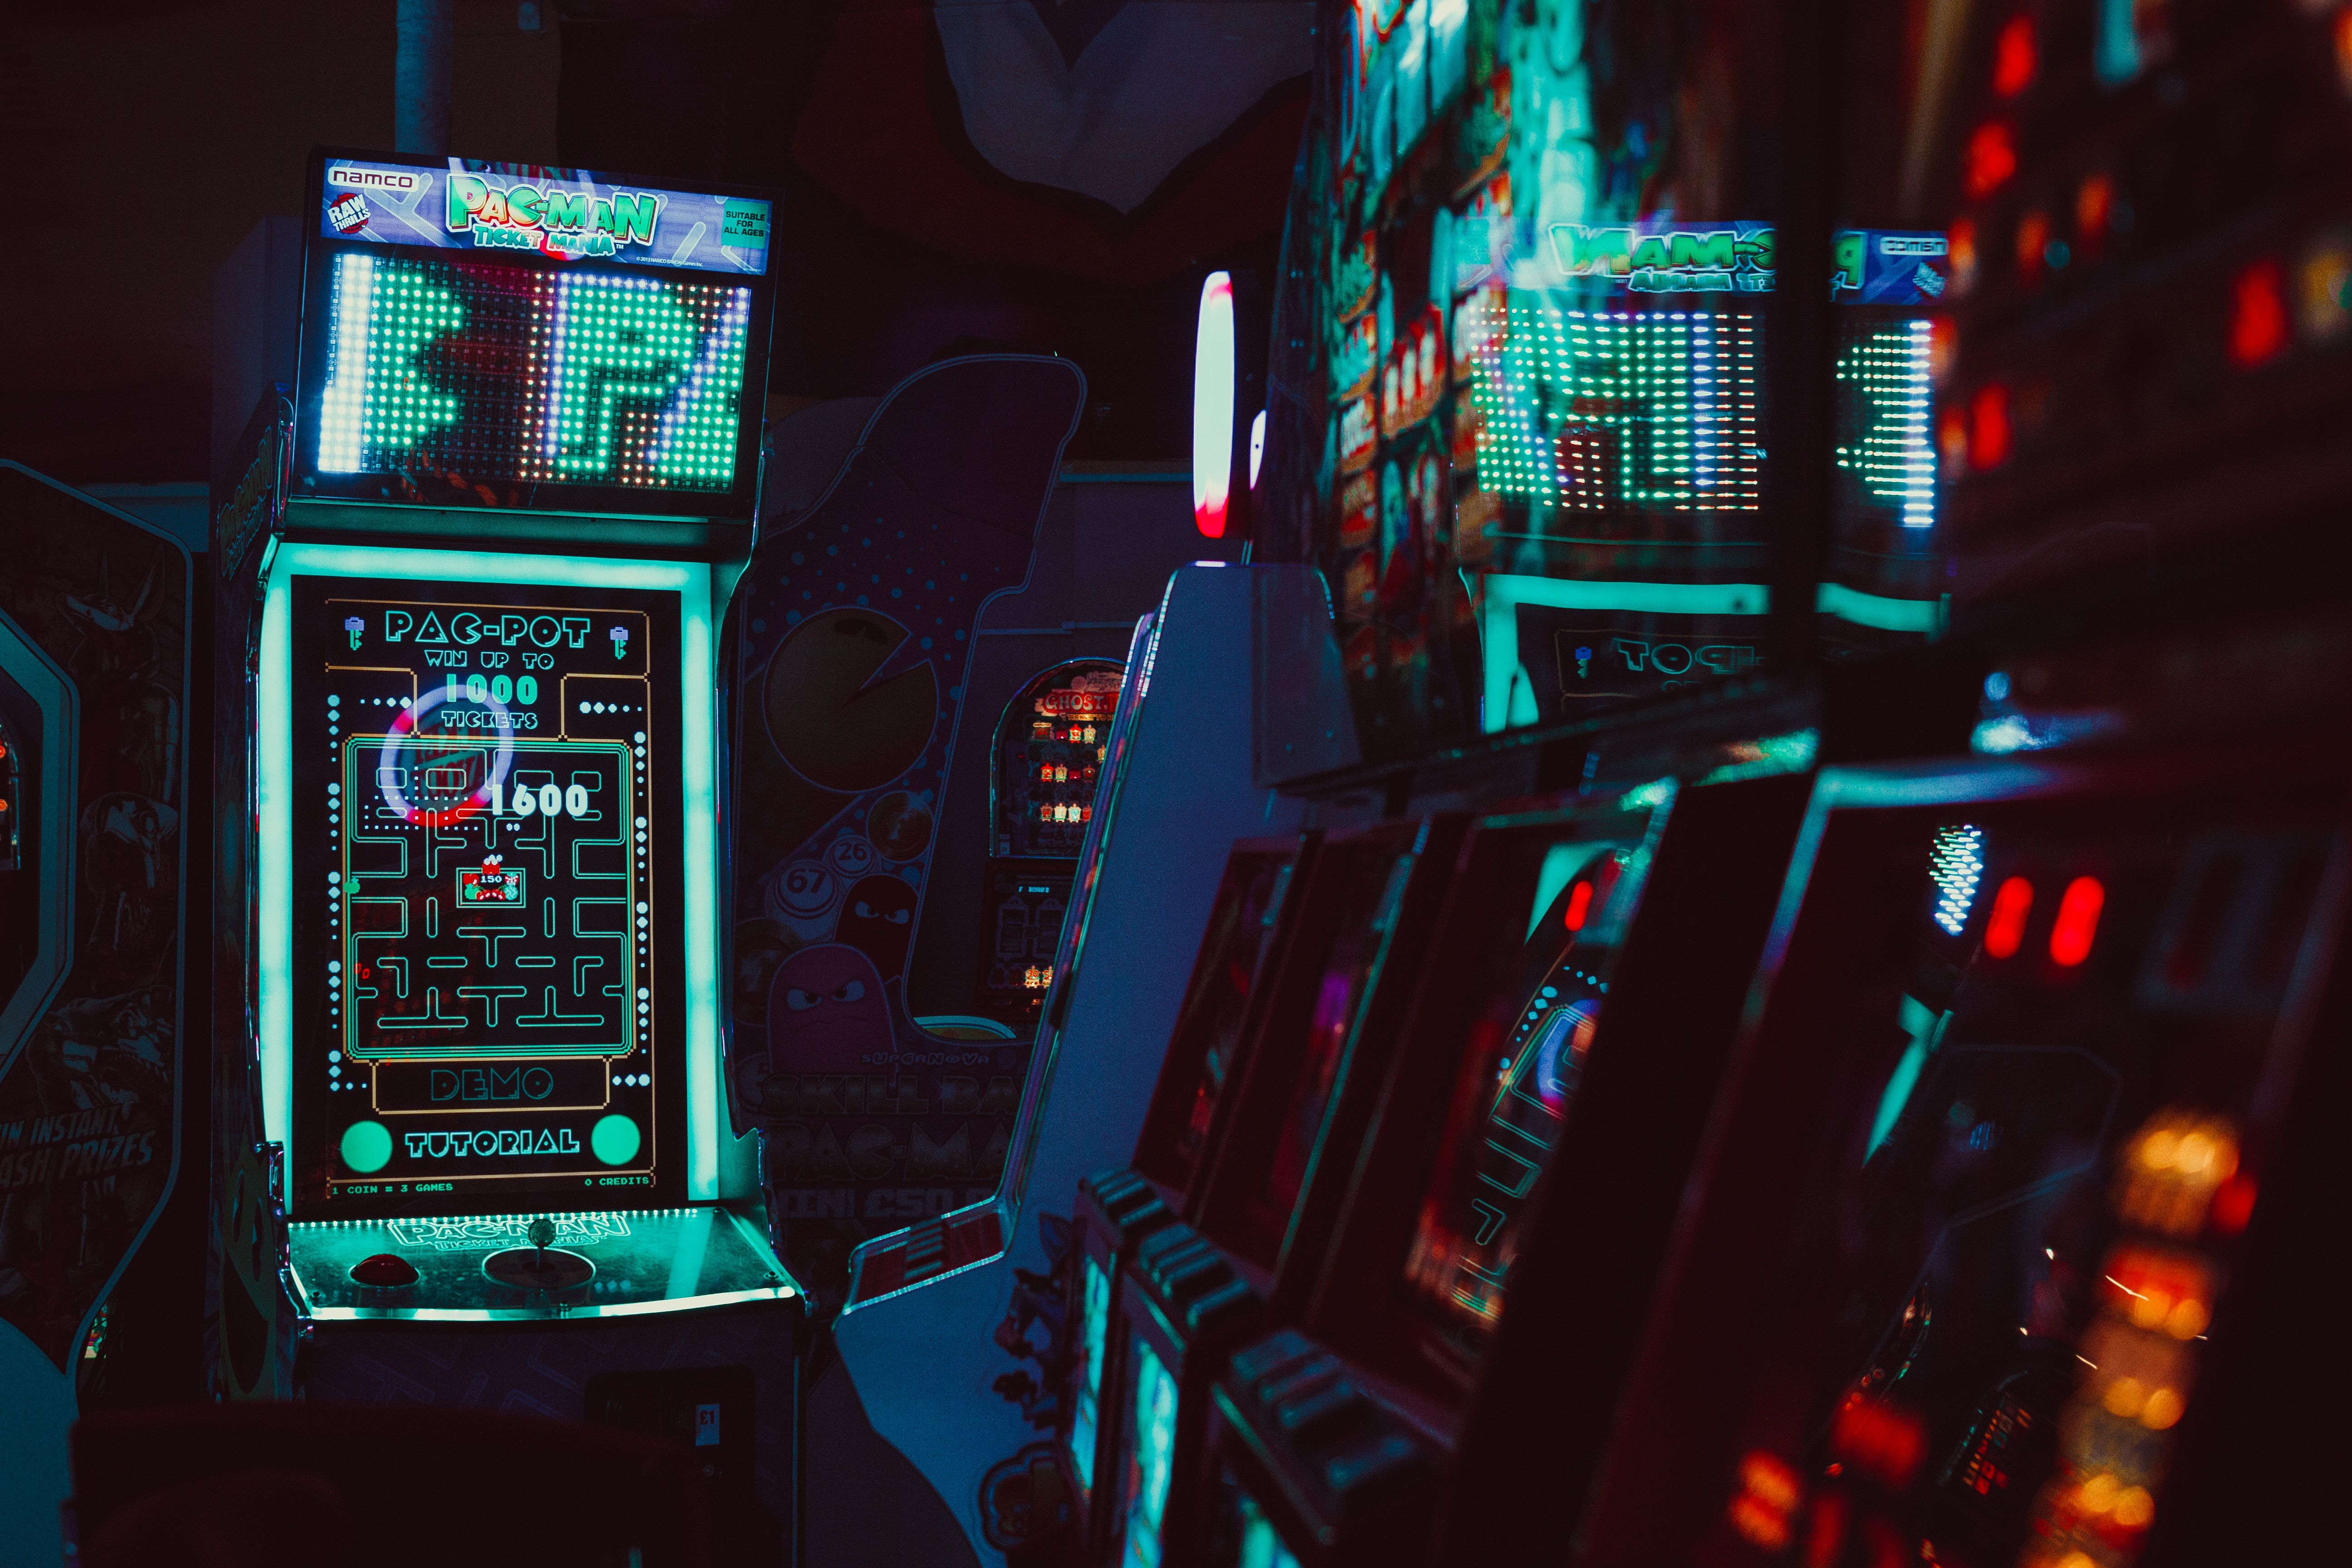 5184x3456 Game Hình nền Retro 4k